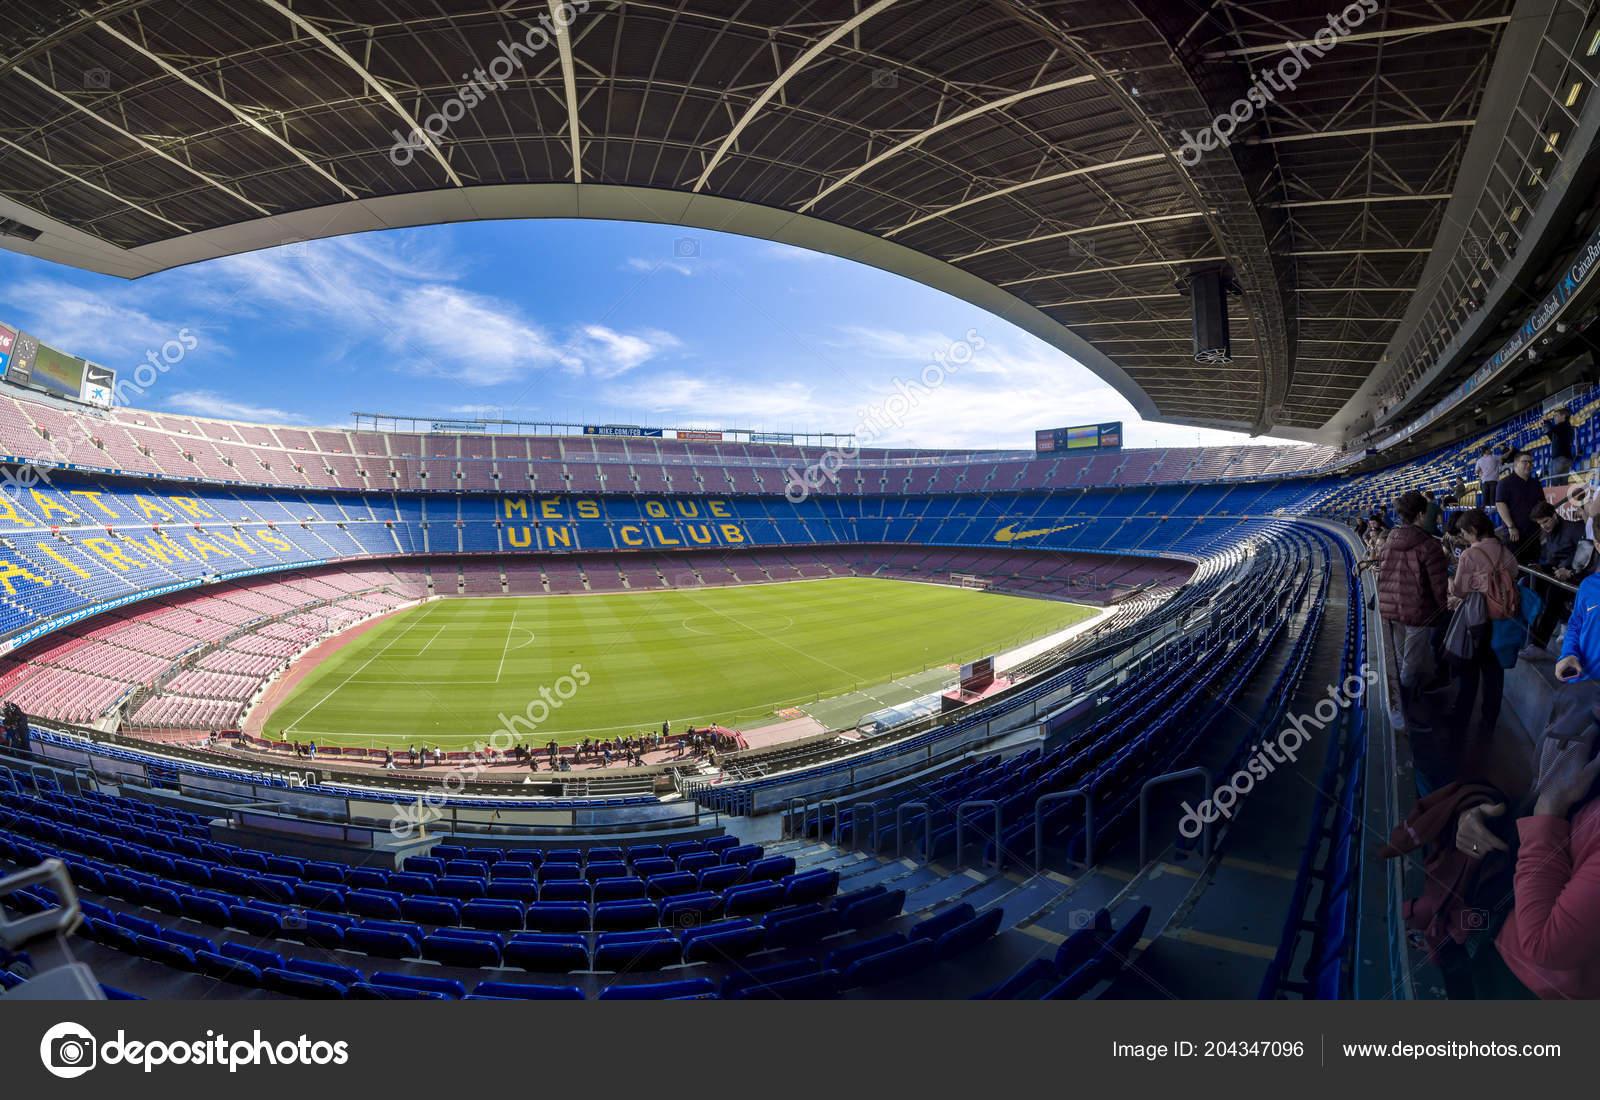 Barcelona Espanha Fevereiro 2017 Vista Panorâmica Camp Nou Estádio ... c315a3c1cdf8a